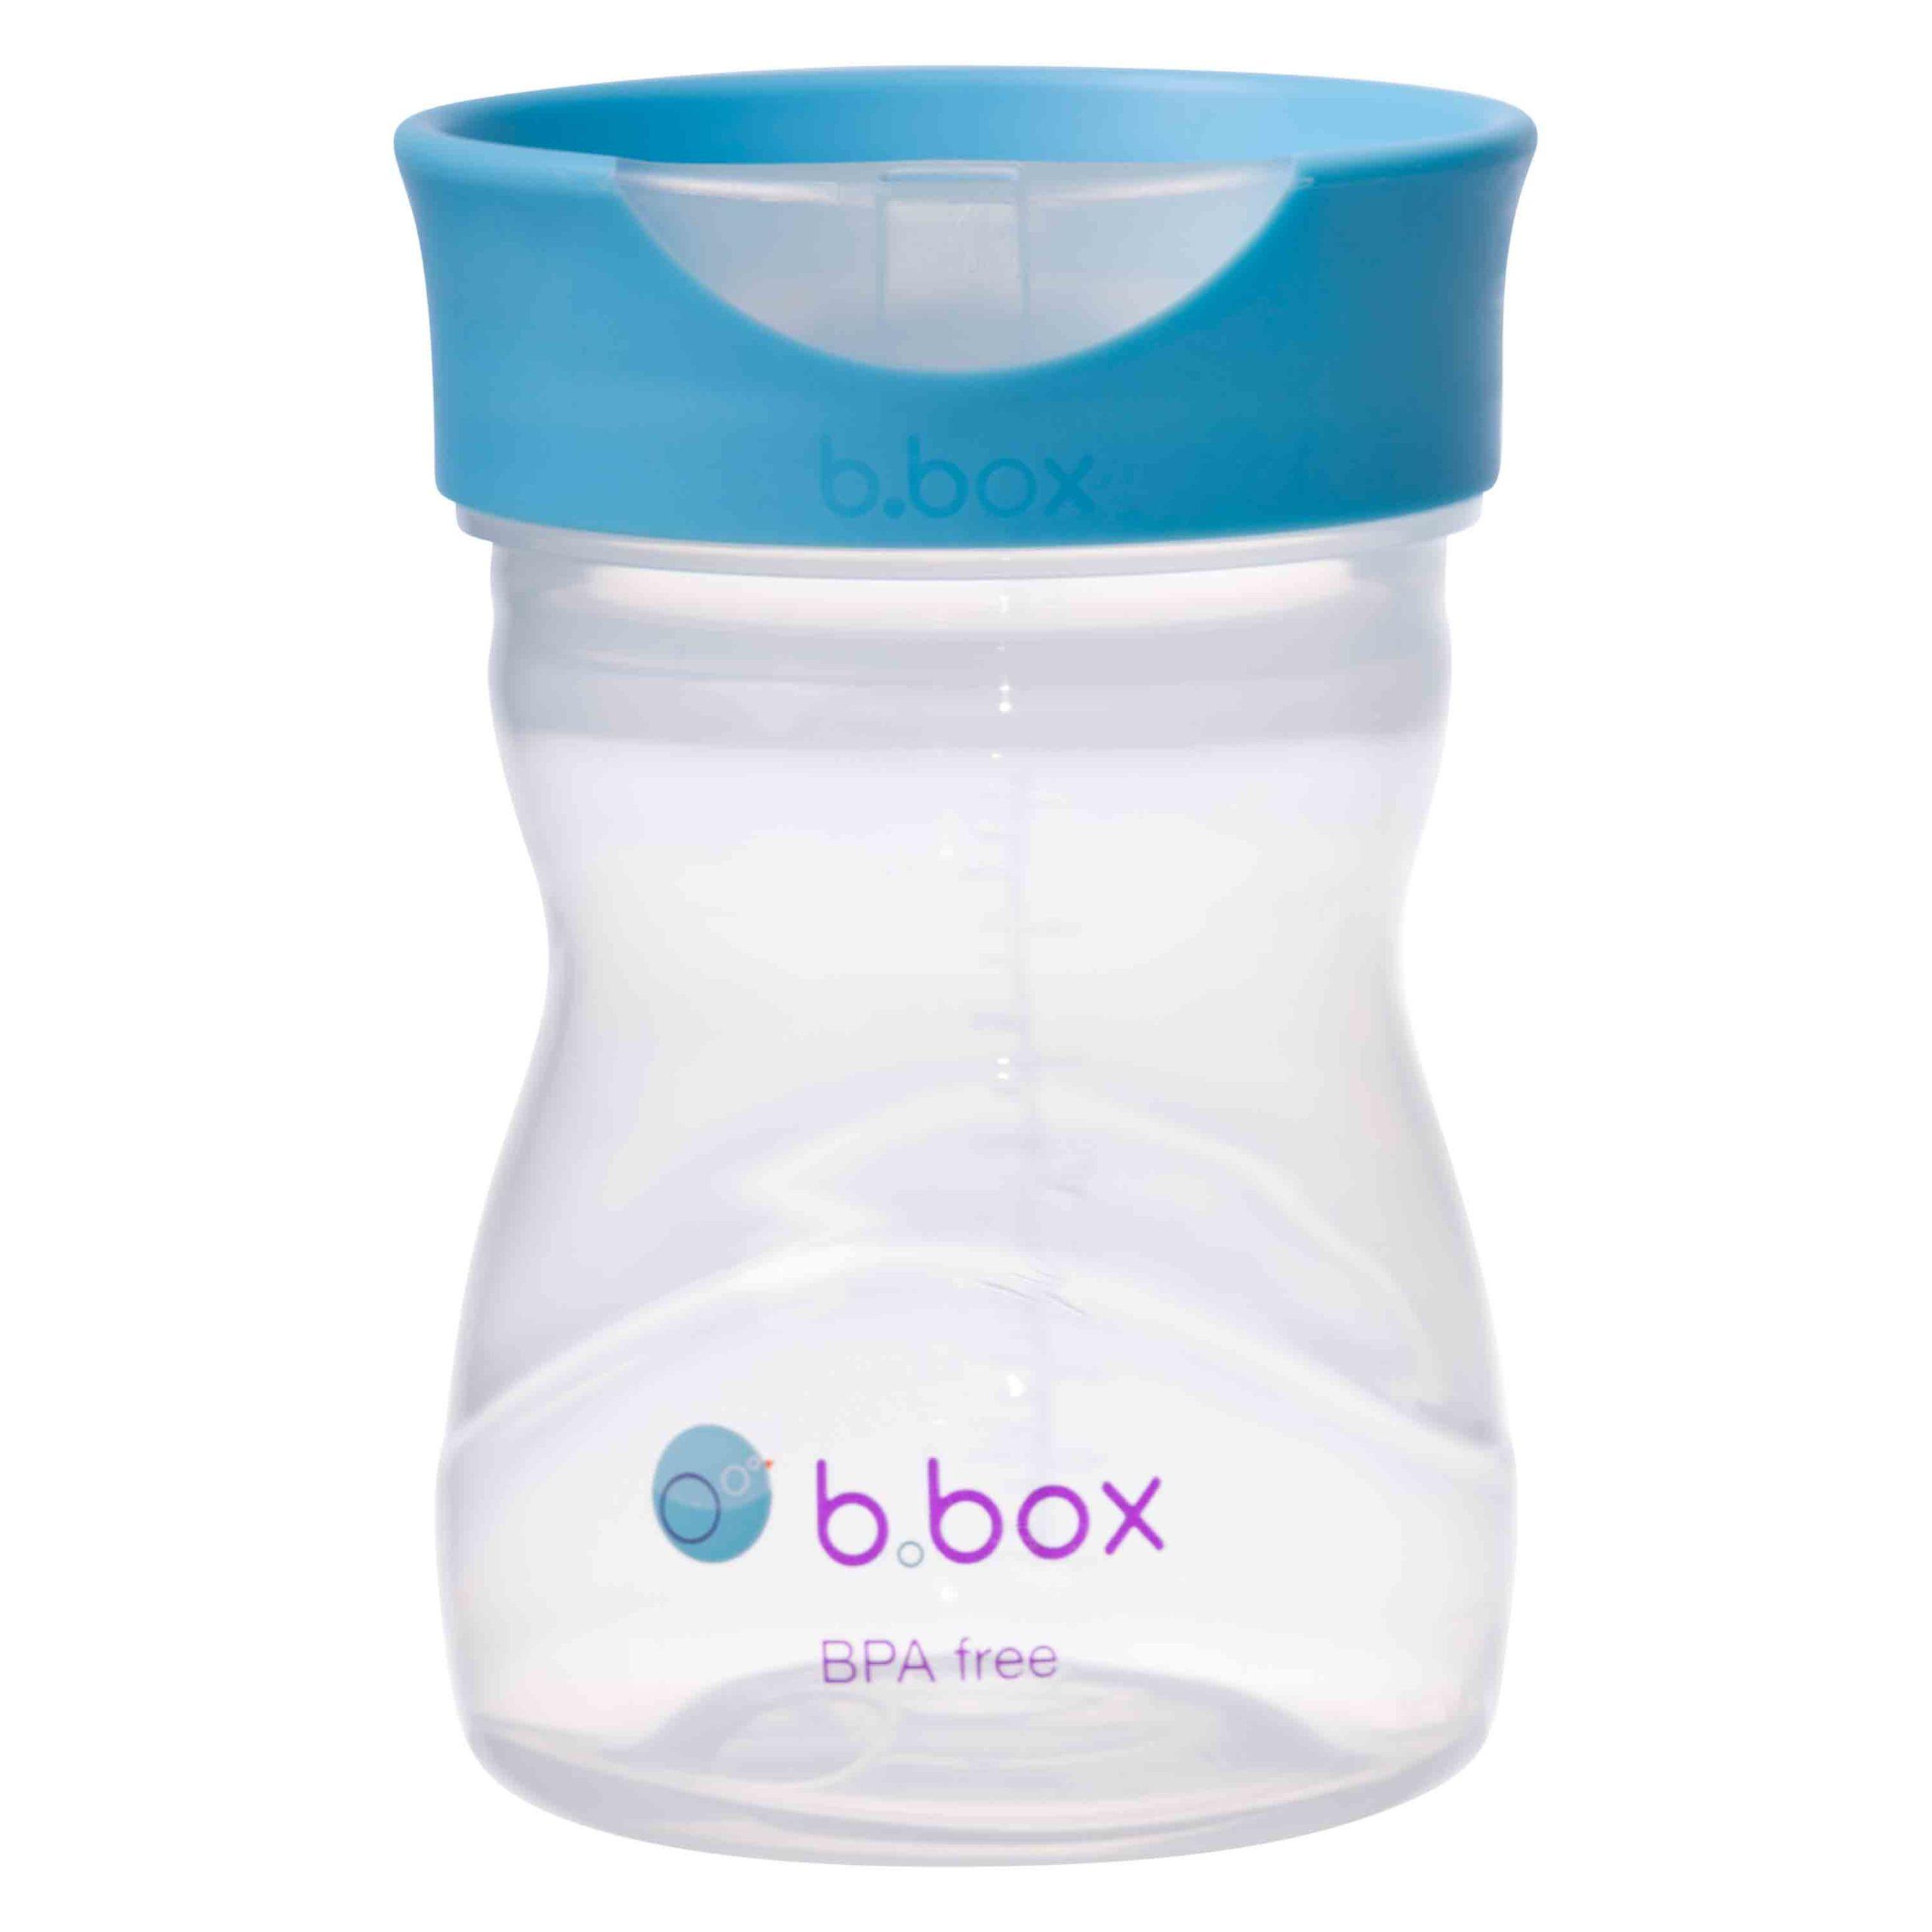 Ποτηράκι σετ 4 σε 1-Bbox- Ανοιχτό στόμιο